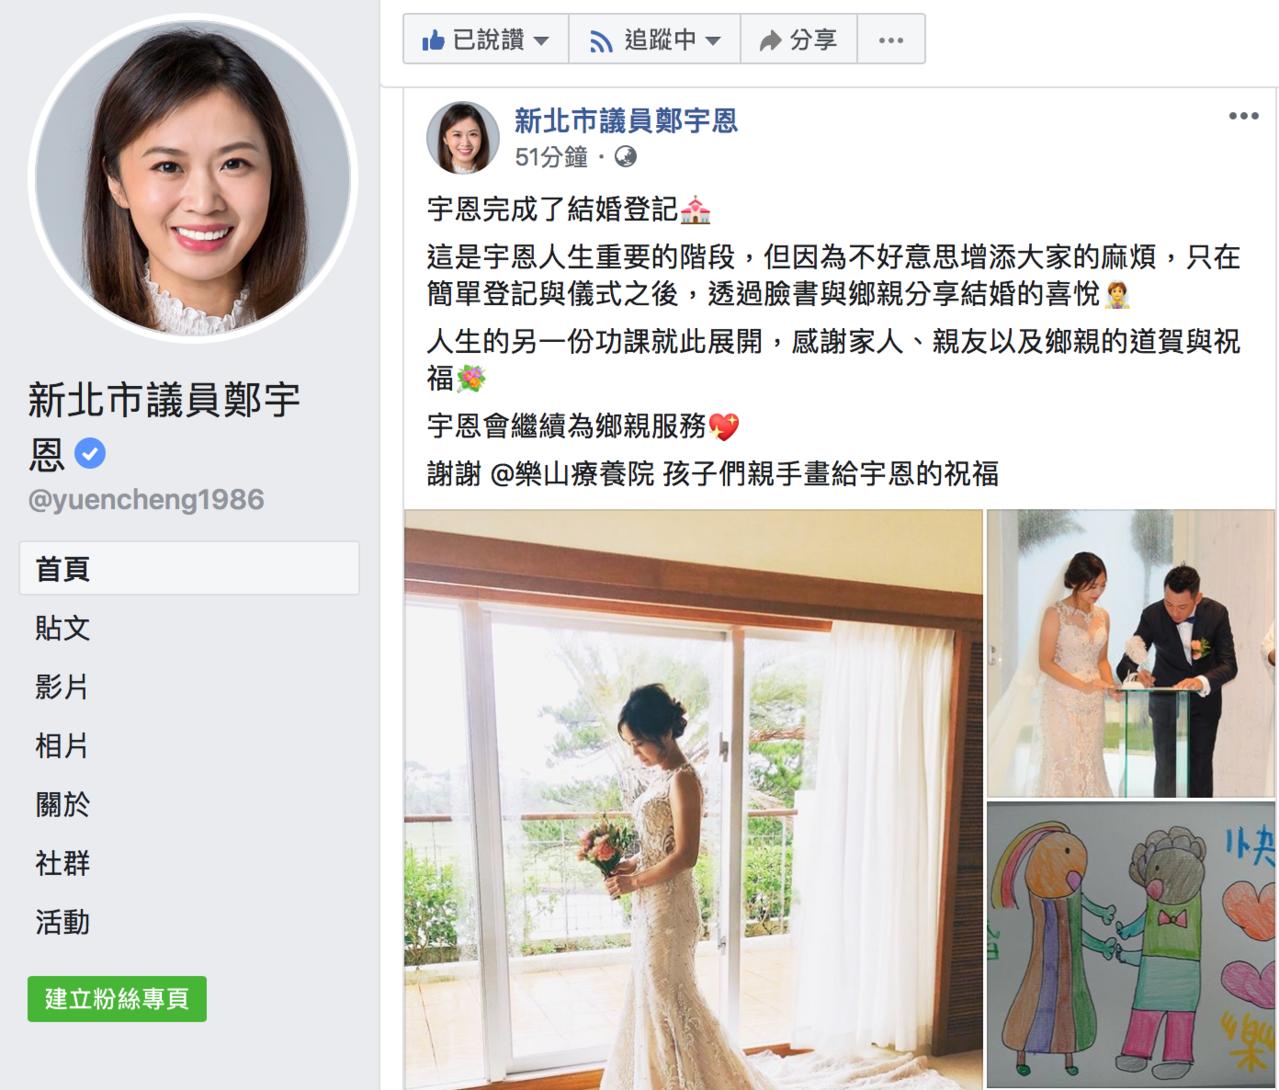 新北市正妹議員鄭宇恩今在臉書分享喜訊。圖/翻攝鄭宇恩粉絲團